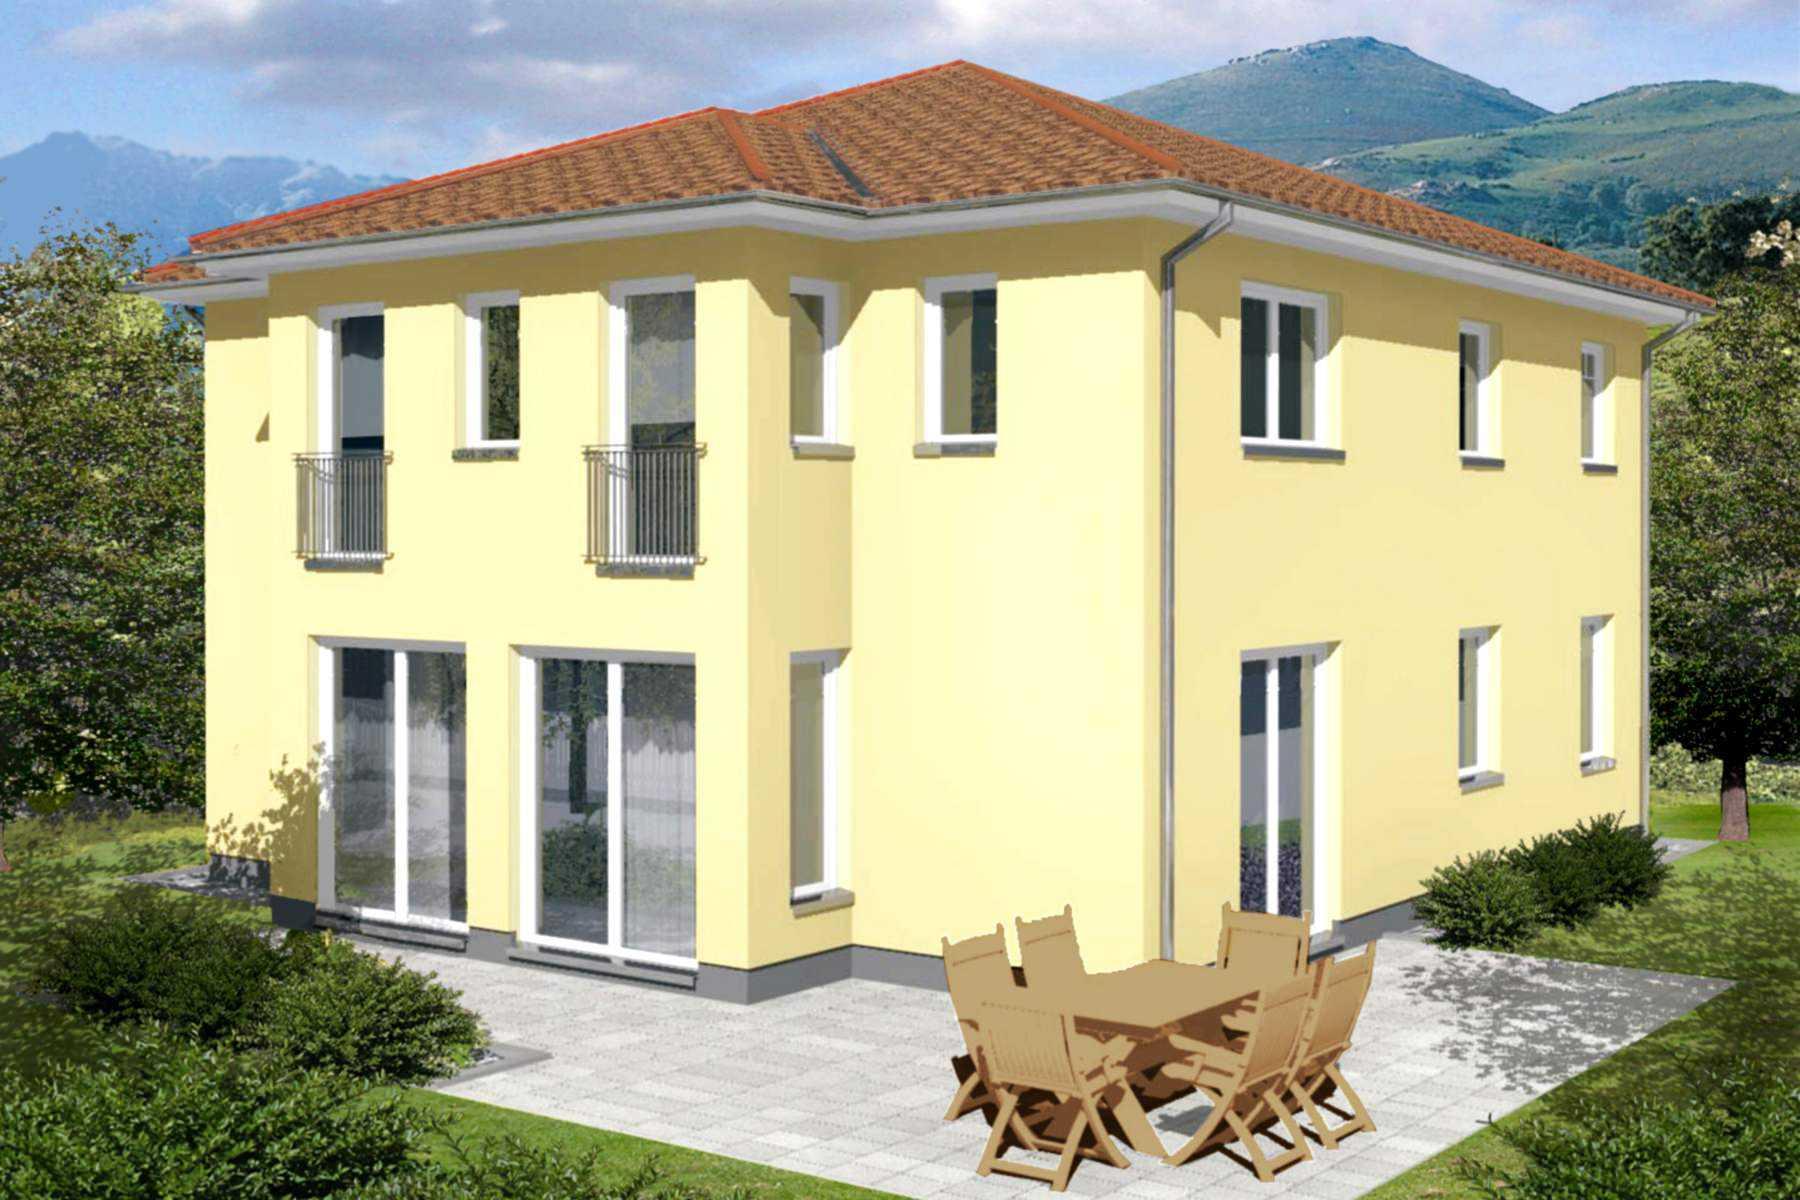 Stadtvilla stadthaus massivhaus typ rom for Traumhaus bauen